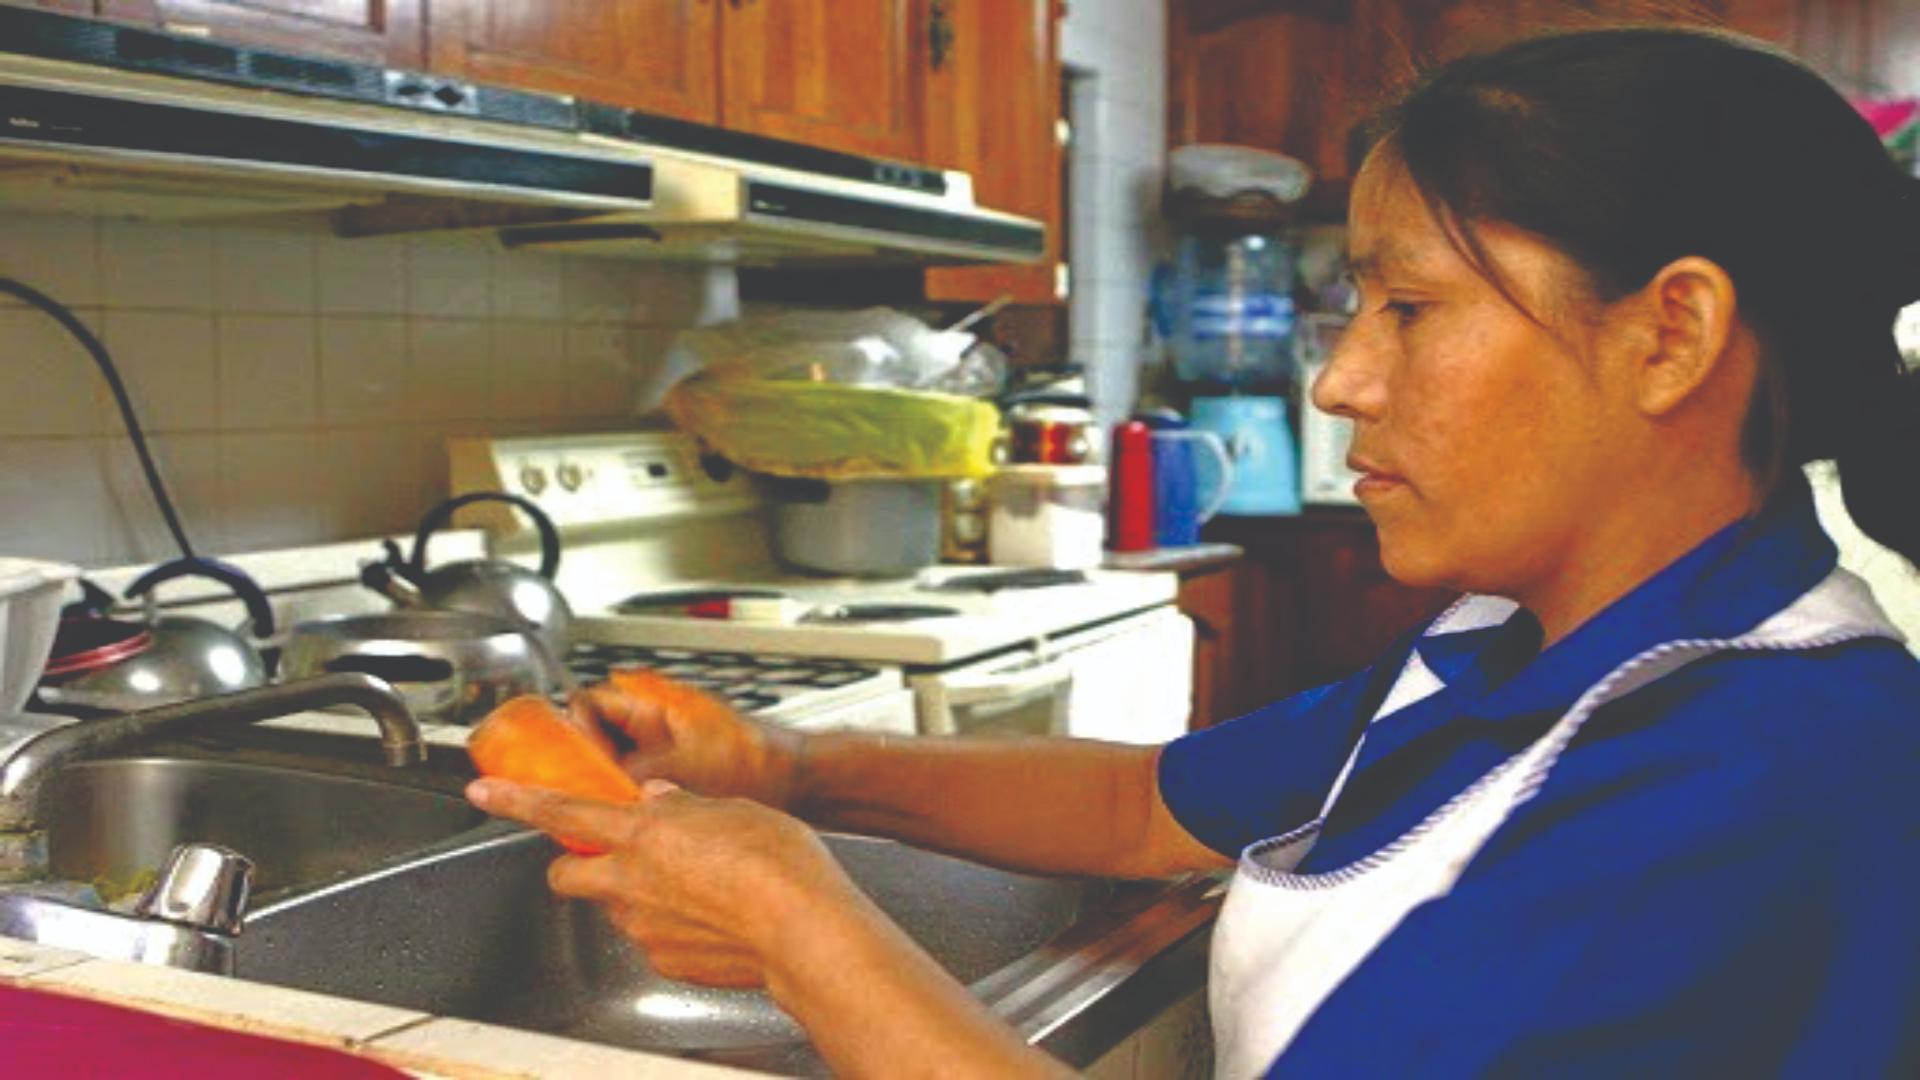 ¿Qué deben tomar en cuenta las trabajadoras del hogar para evaluar el lugar al que postulan?